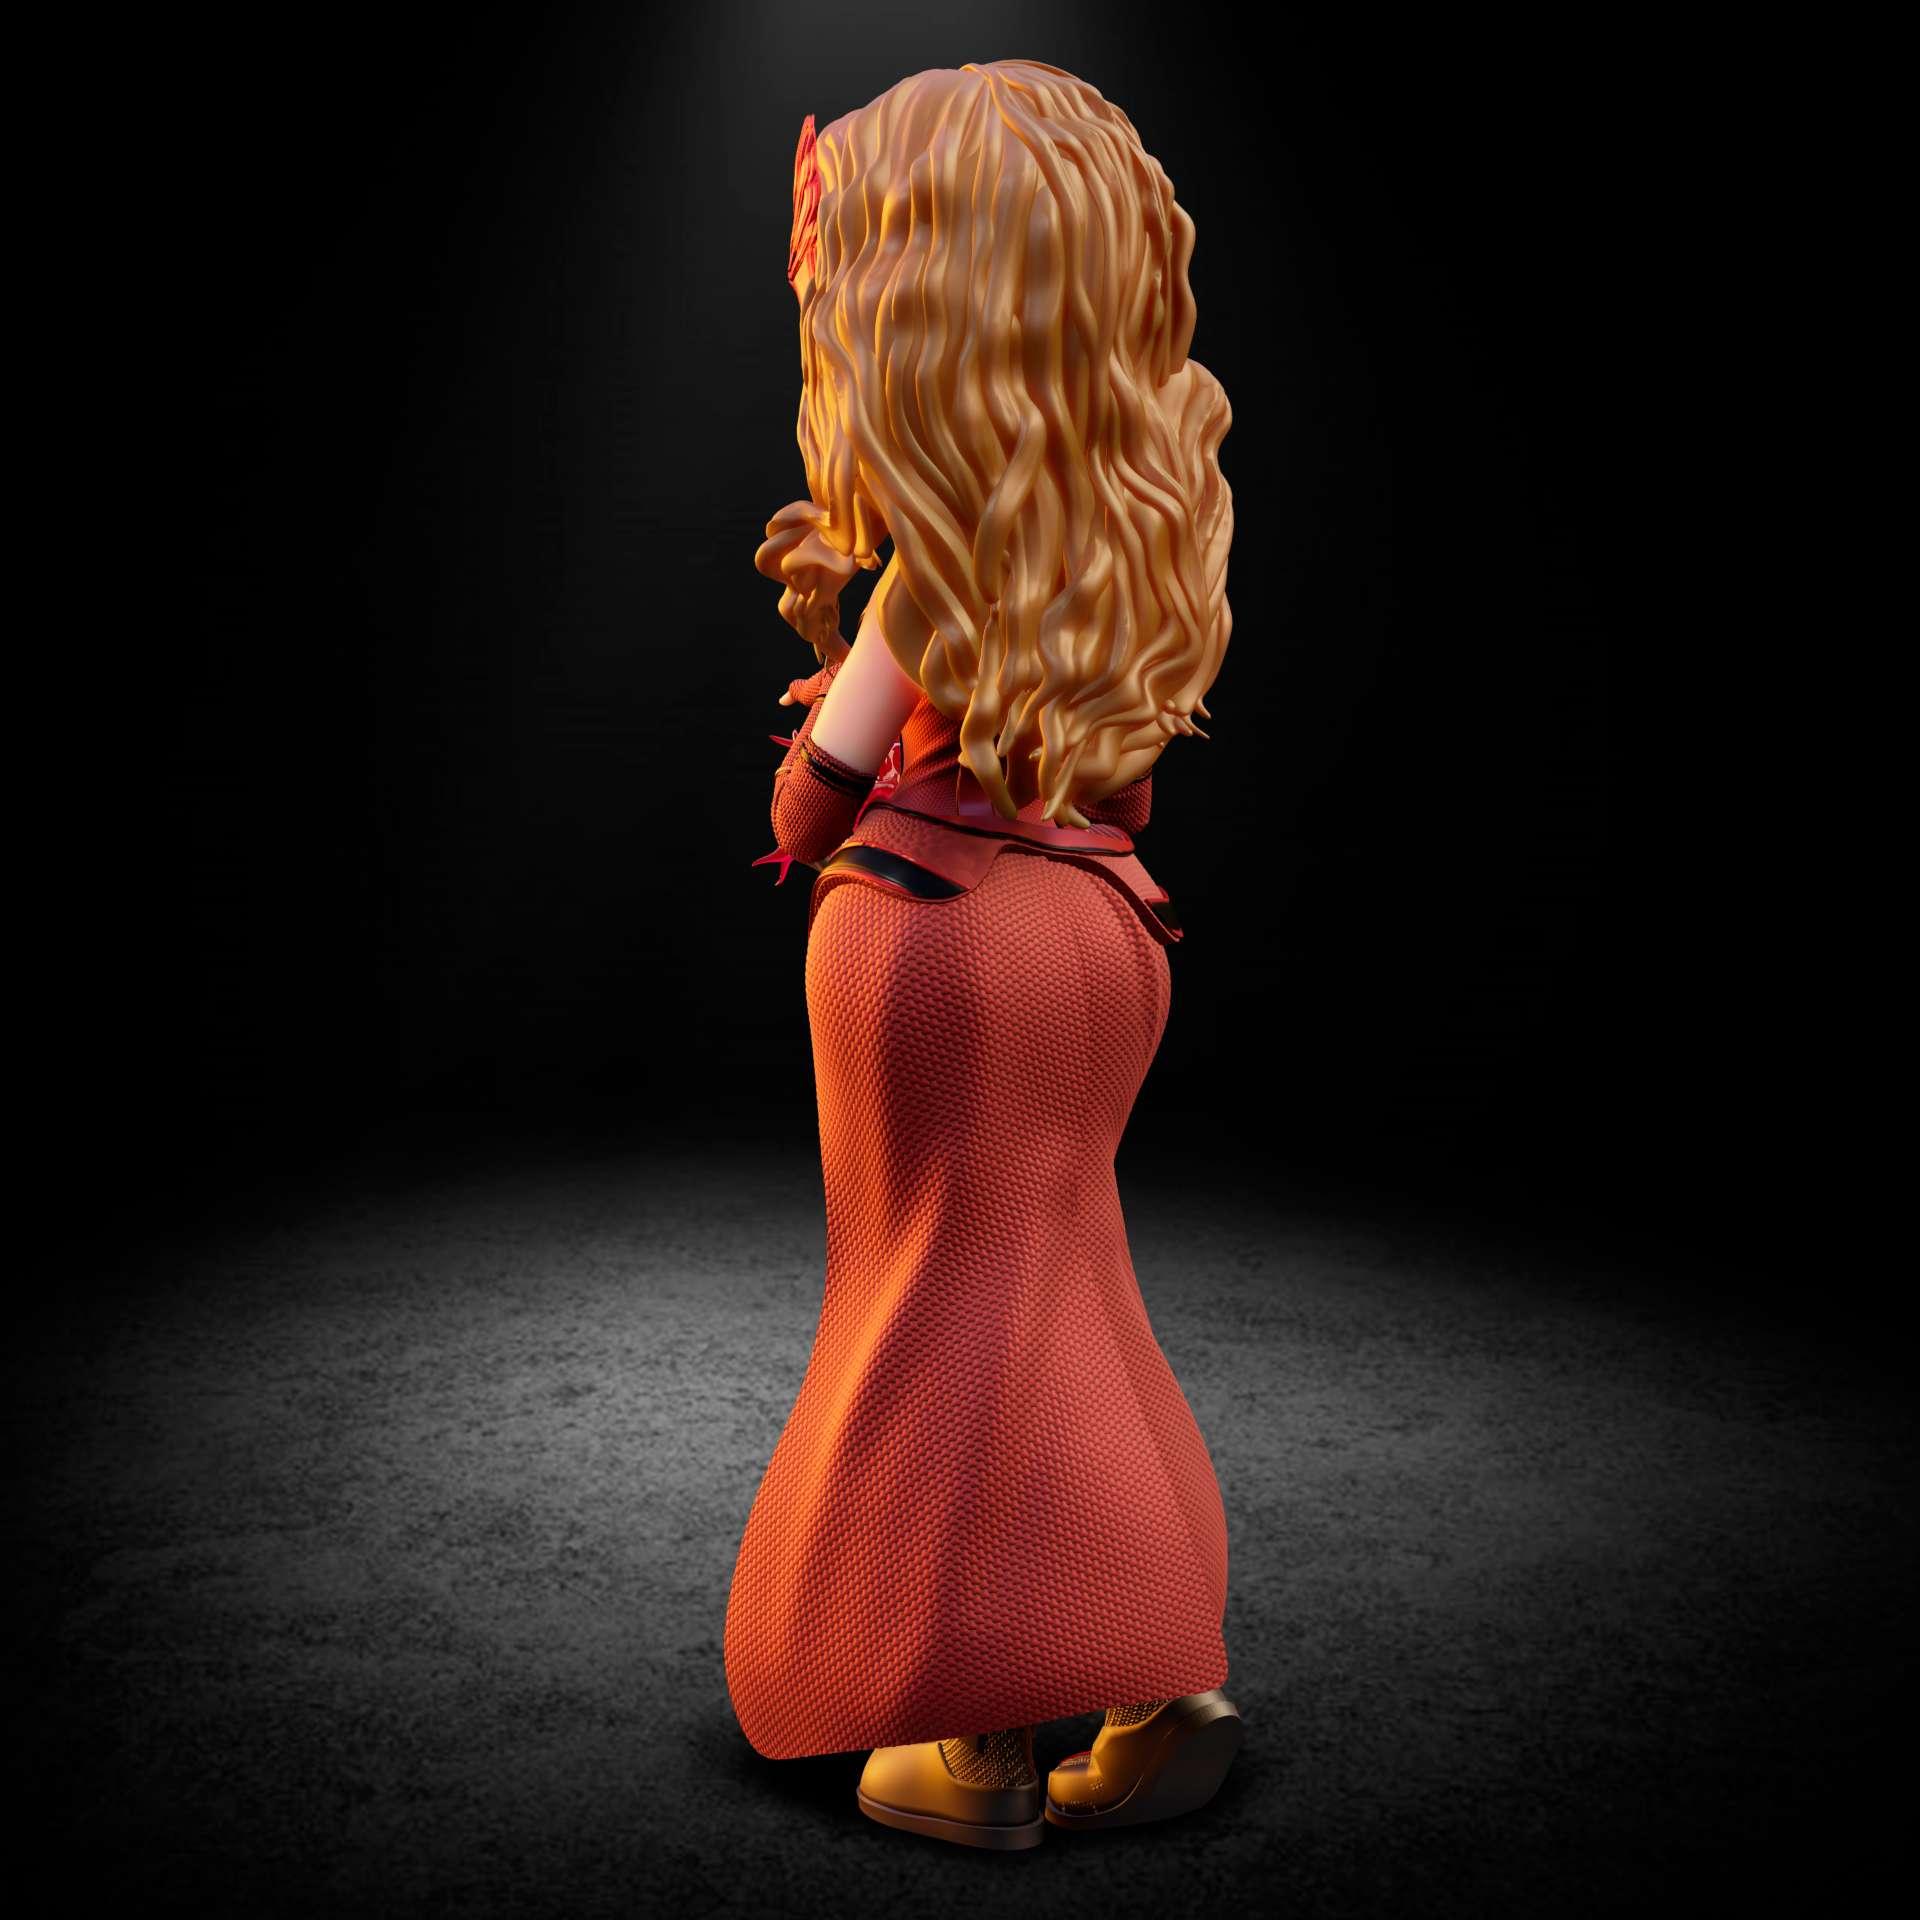 Scarlet Witch - Wanda Maximoff, also known as Scarlet Witch stylized model with new uniform from the Wanda Vision series.  - Os melhores arquivos para impressão 3D do mundo. Modelos stl divididos em partes para facilitar a impressão 3D. Todos os tipos de personagens, decoração, cosplay, próteses, peças. Qualidade na impressão 3D. Modelos 3D com preço acessível. Baixo custo. Compras coletivas de arquivos 3D.